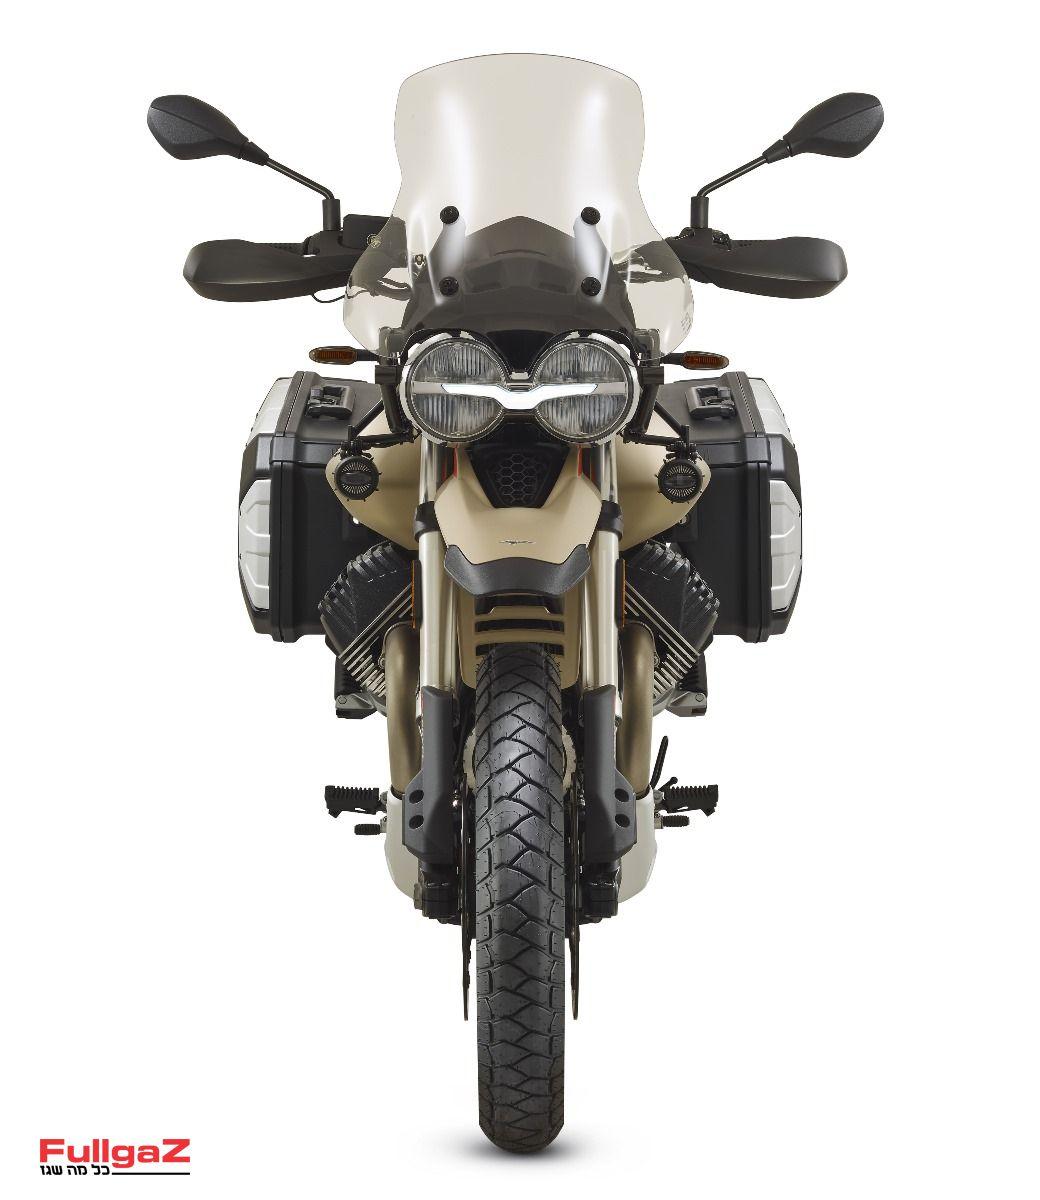 Motoguzzi-V85TT-Travel-003